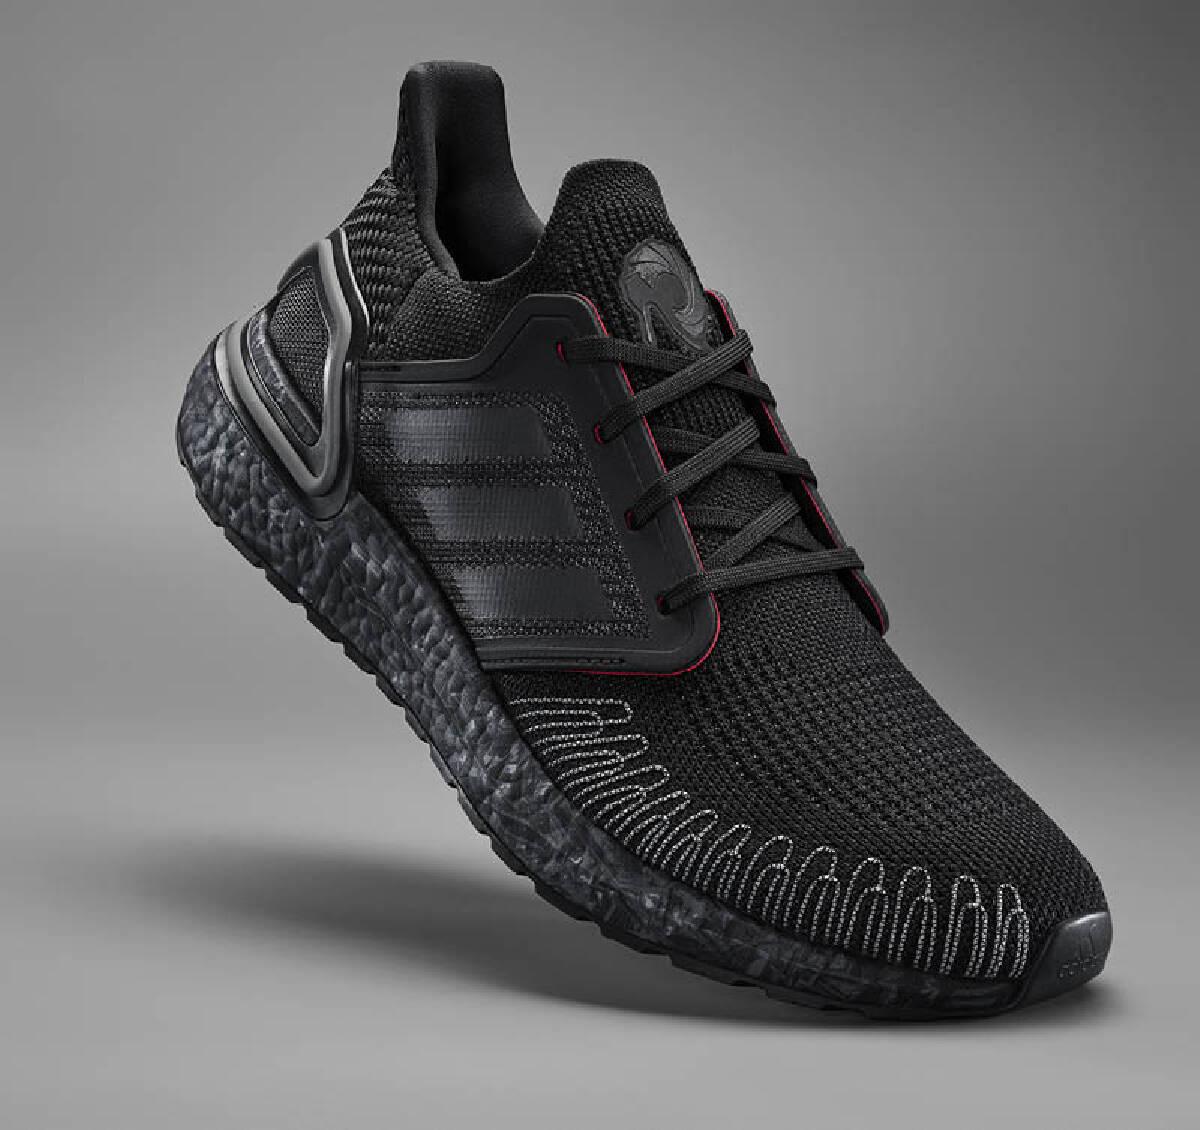 Adidas เผยโฉมคอลเลคชันใหม่ เอาใจสาวก เจมส์ บอนด์ 007